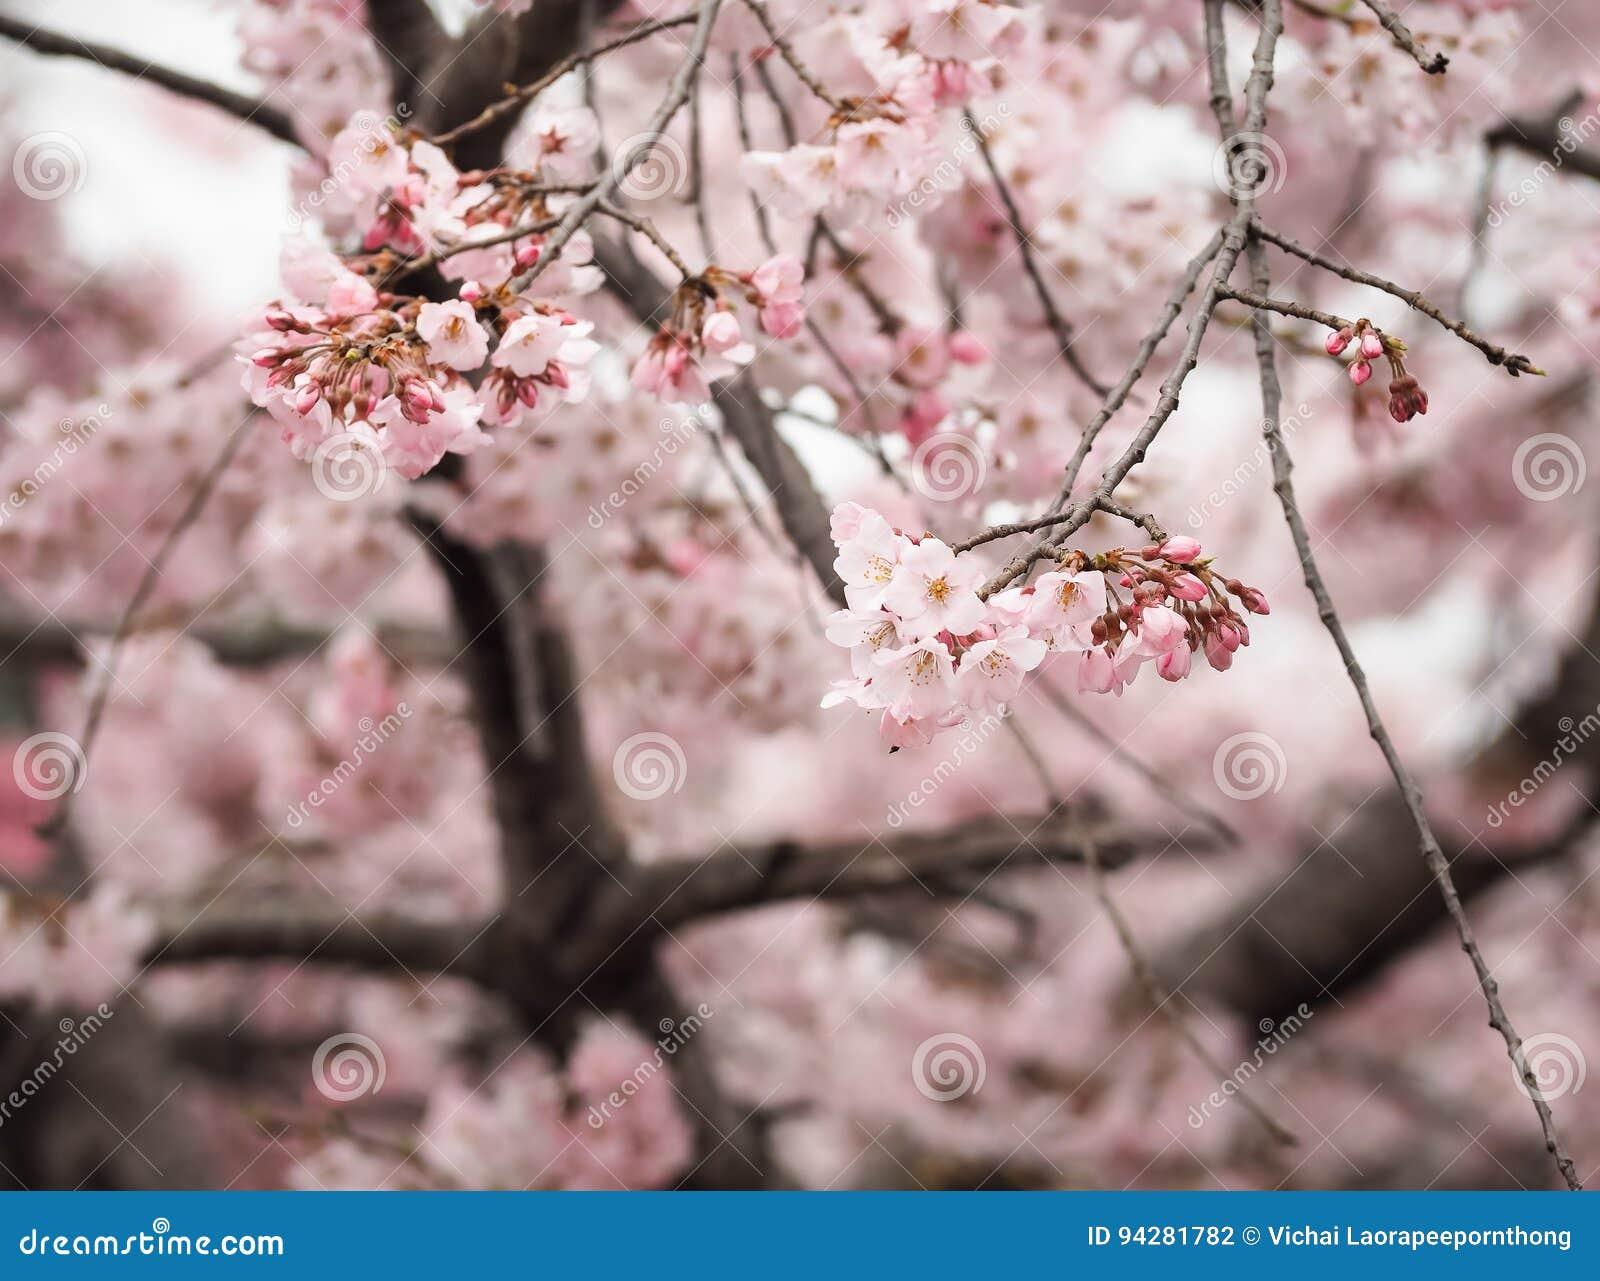 Beautiful Pink Sakura Flowers In Japan Stock Photo Image Of Hanami